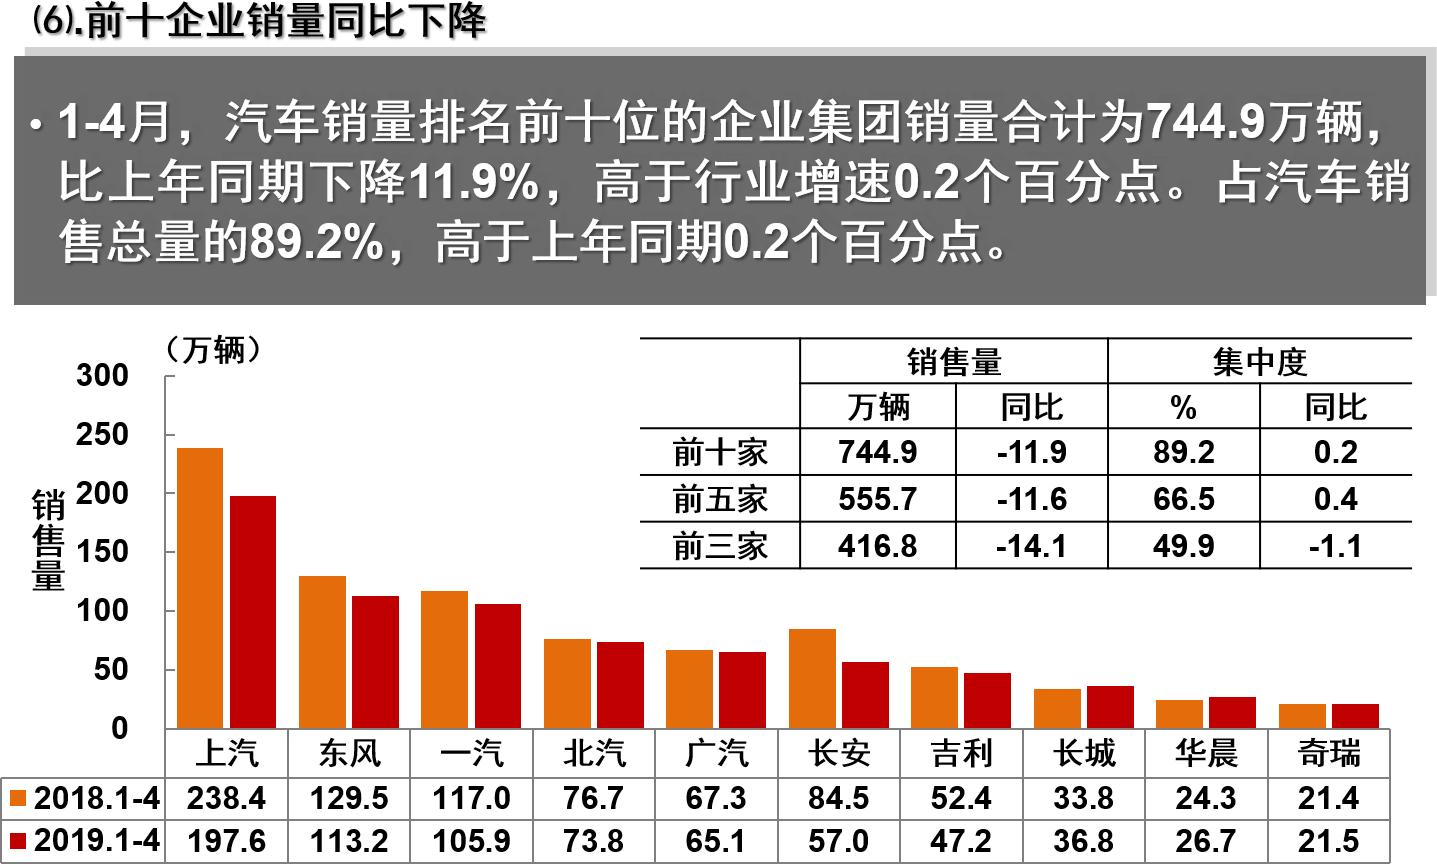 1-4月中国市场销量前十名的汽车企业